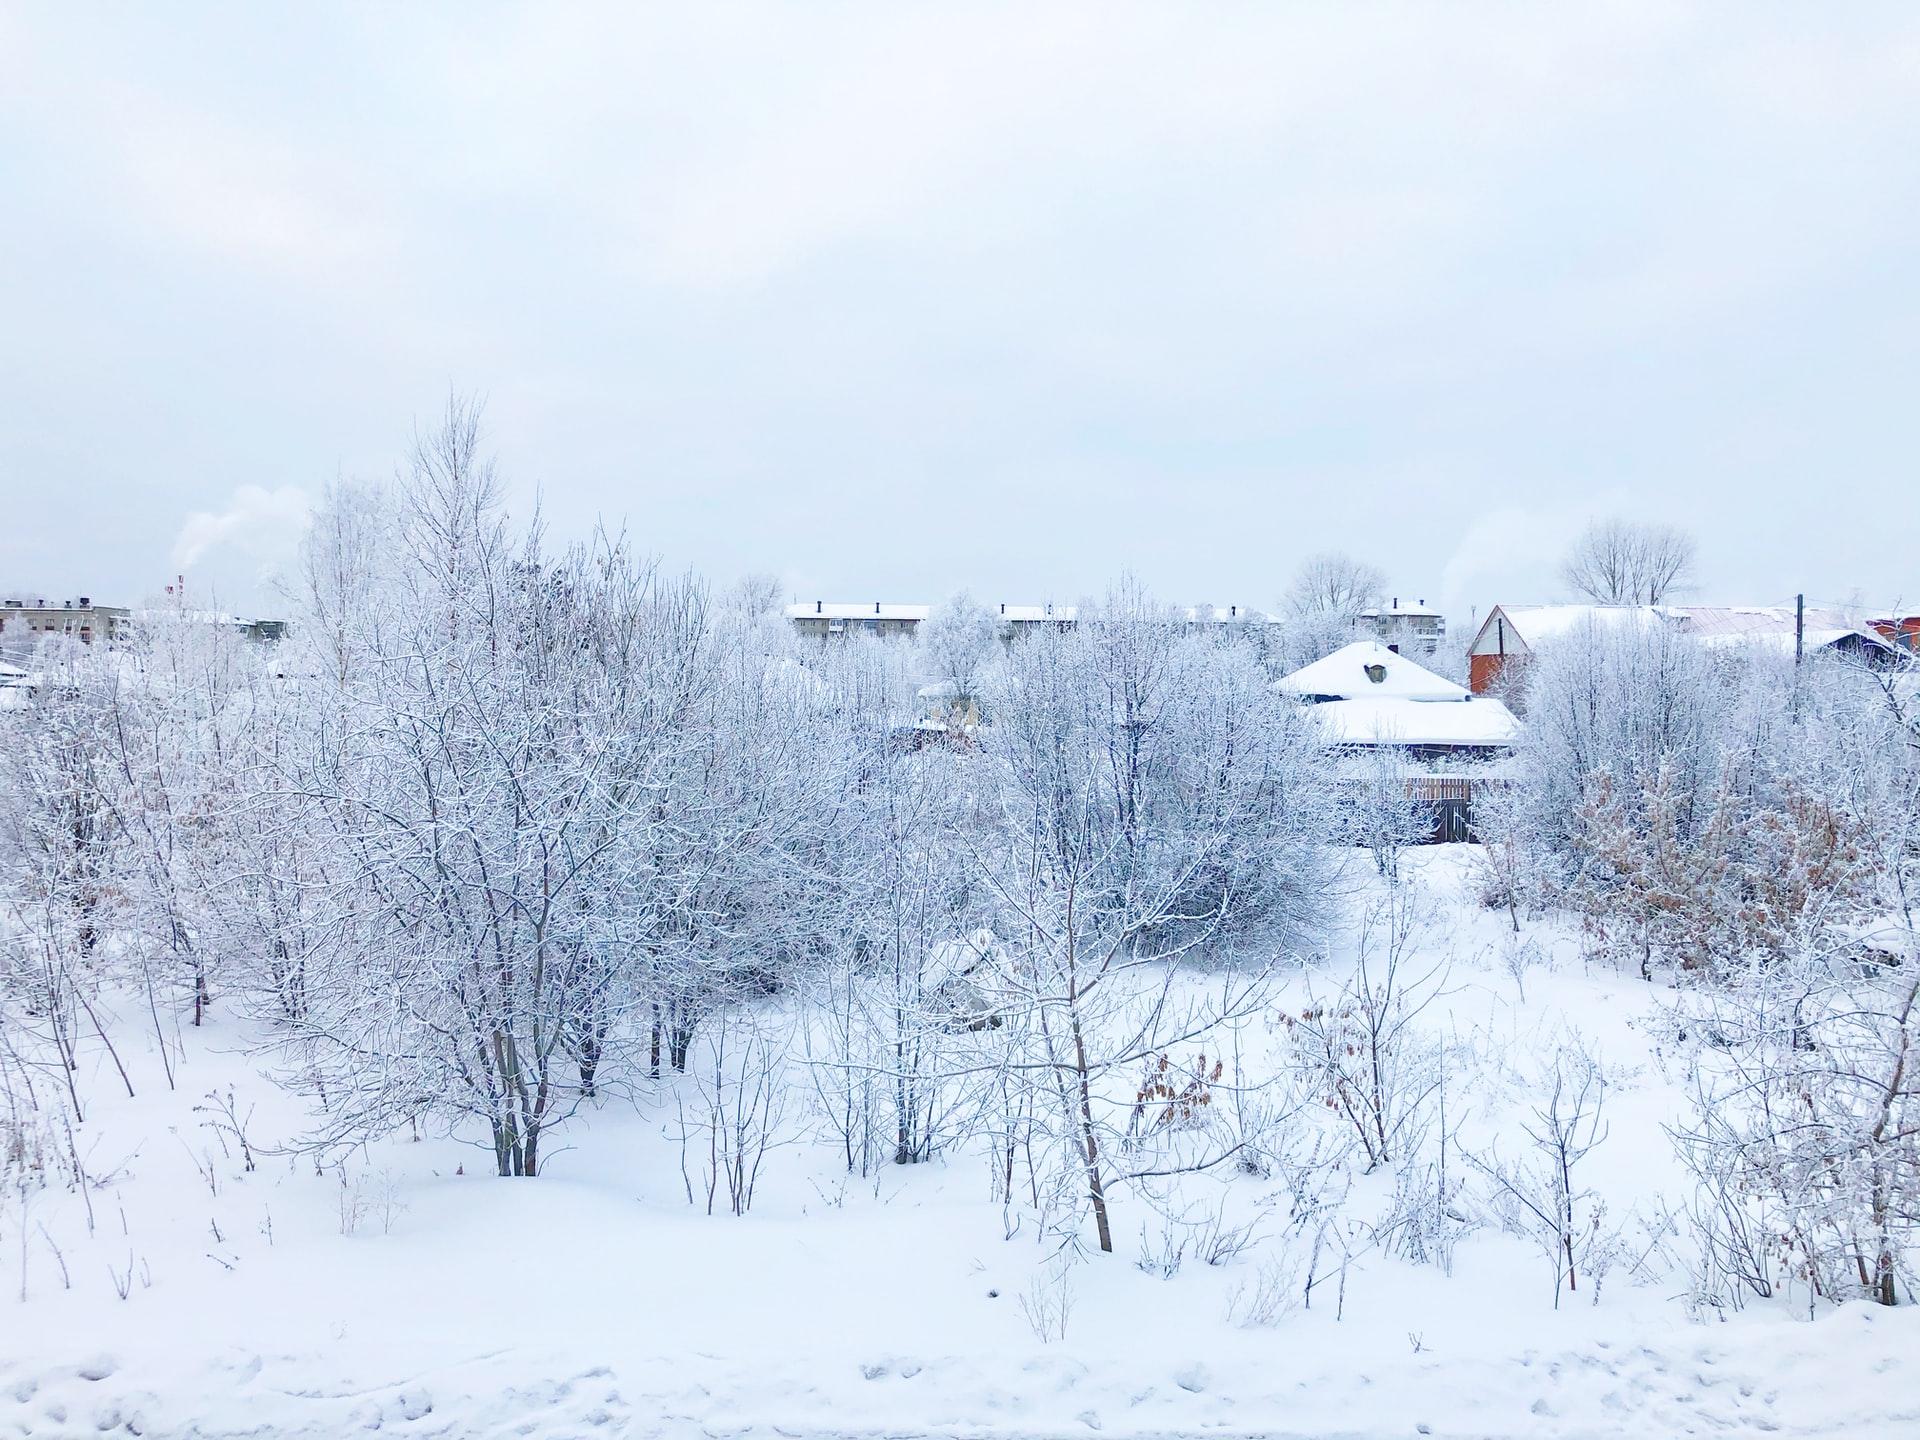 Czy w Polsce możliwy jest śnieg latem?